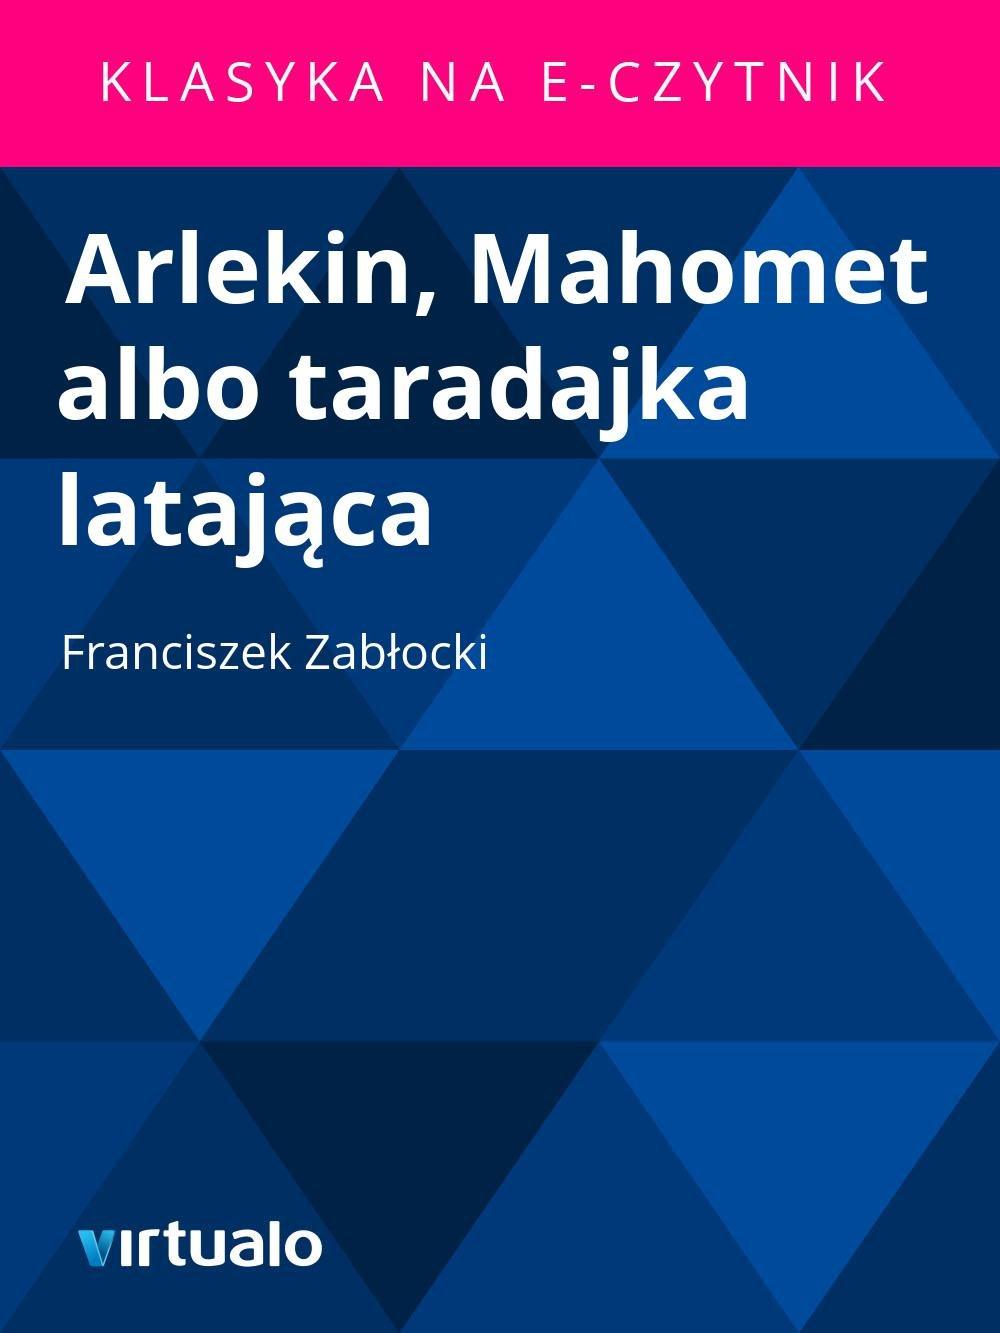 Arlekin, Mahomet albo taradajka latająca - Ebook (Książka EPUB) do pobrania w formacie EPUB